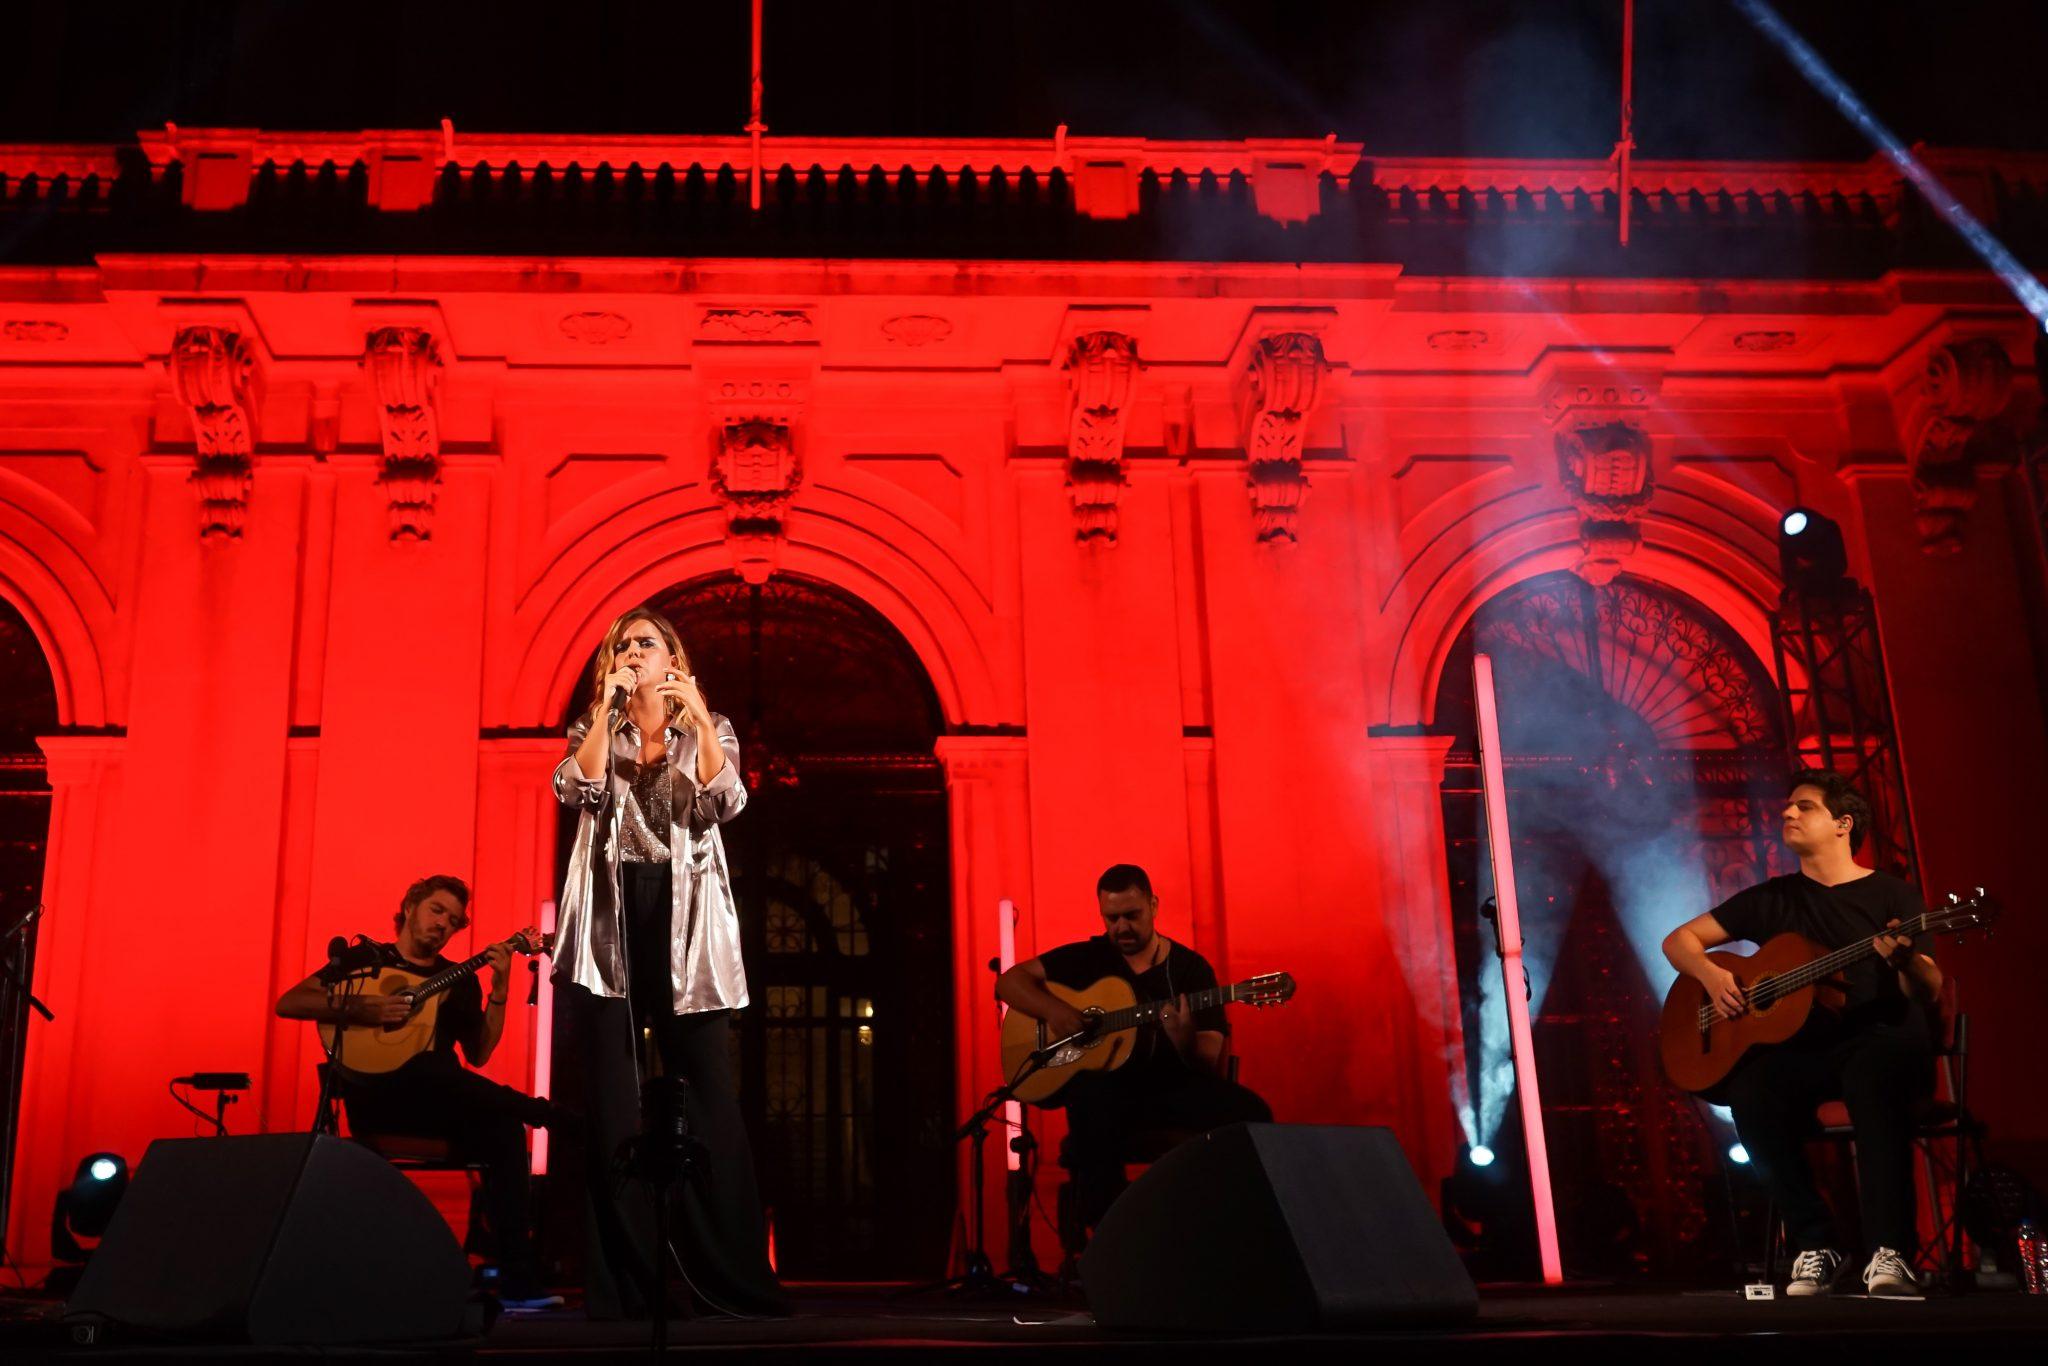 Pormenor do palco, com iluminação em tons de vermelho